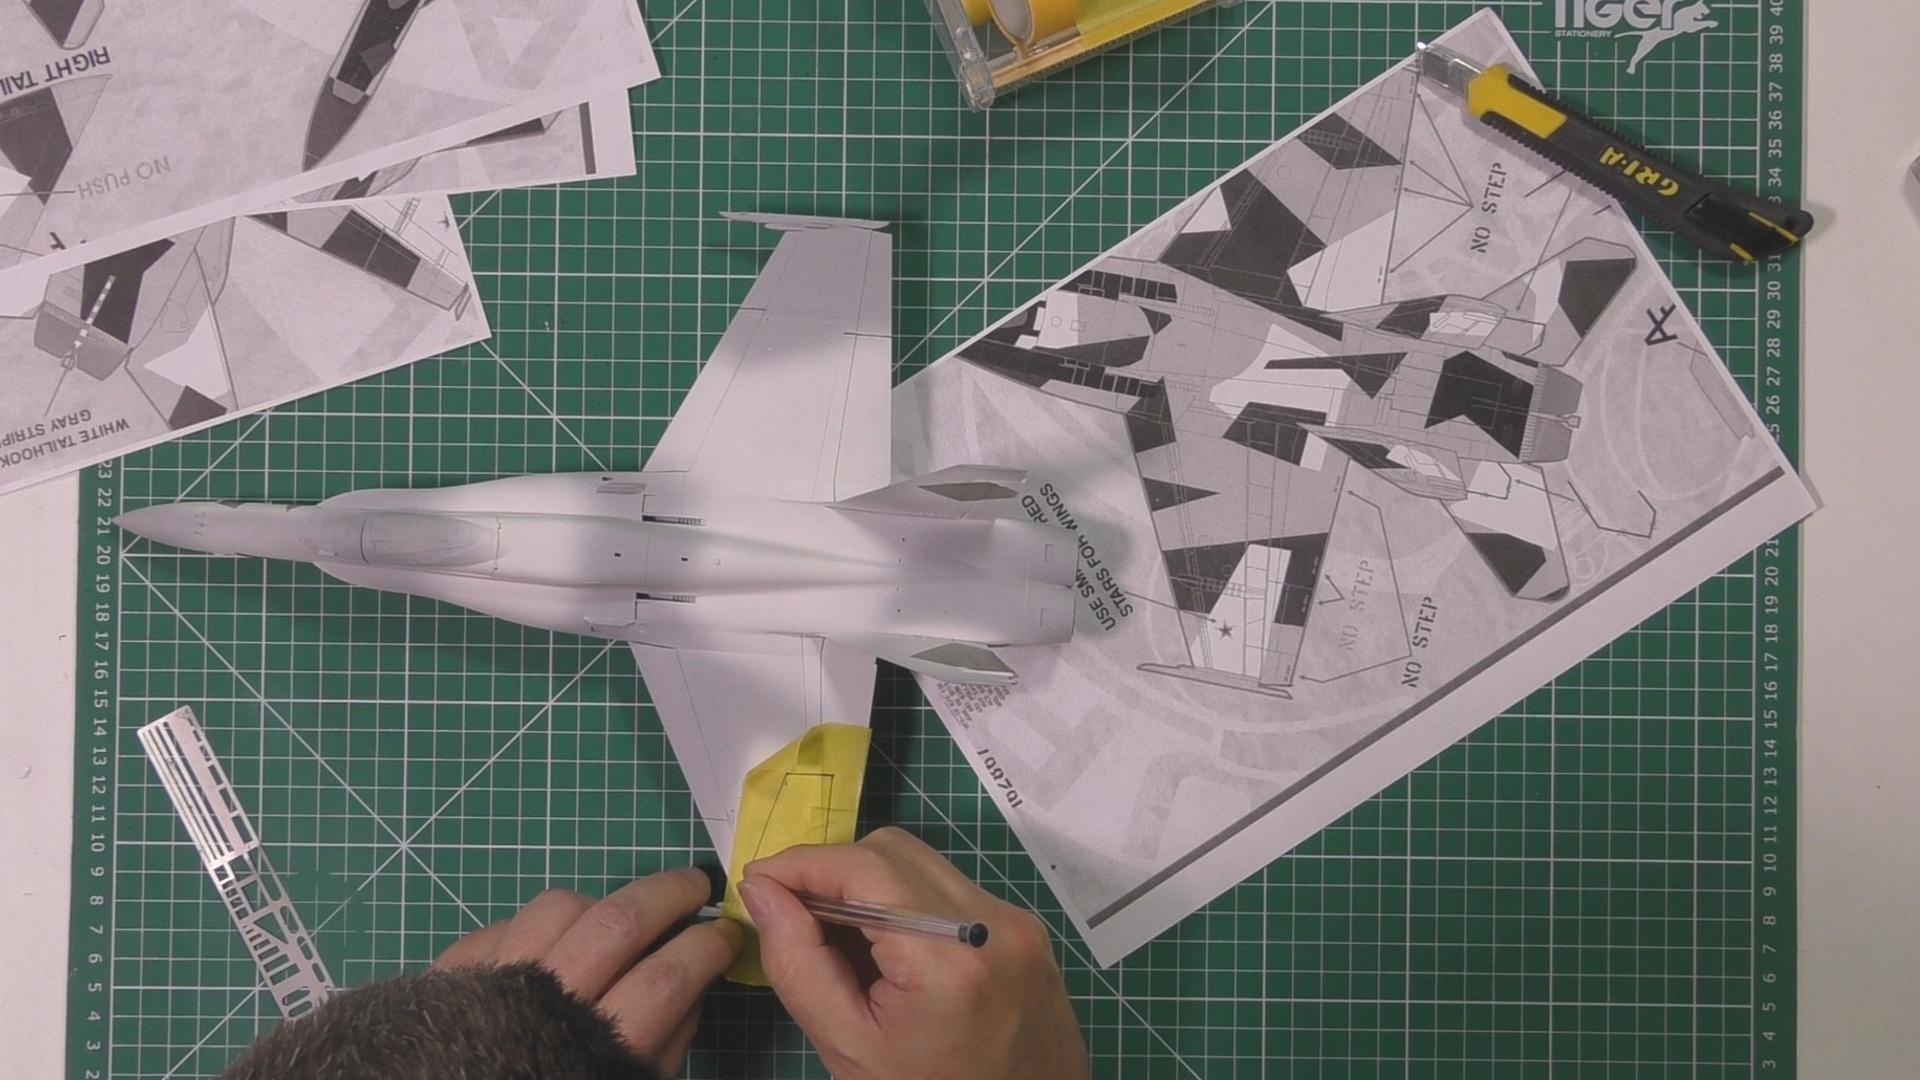 Kinetic Hornet part 5 pic 3.jpg